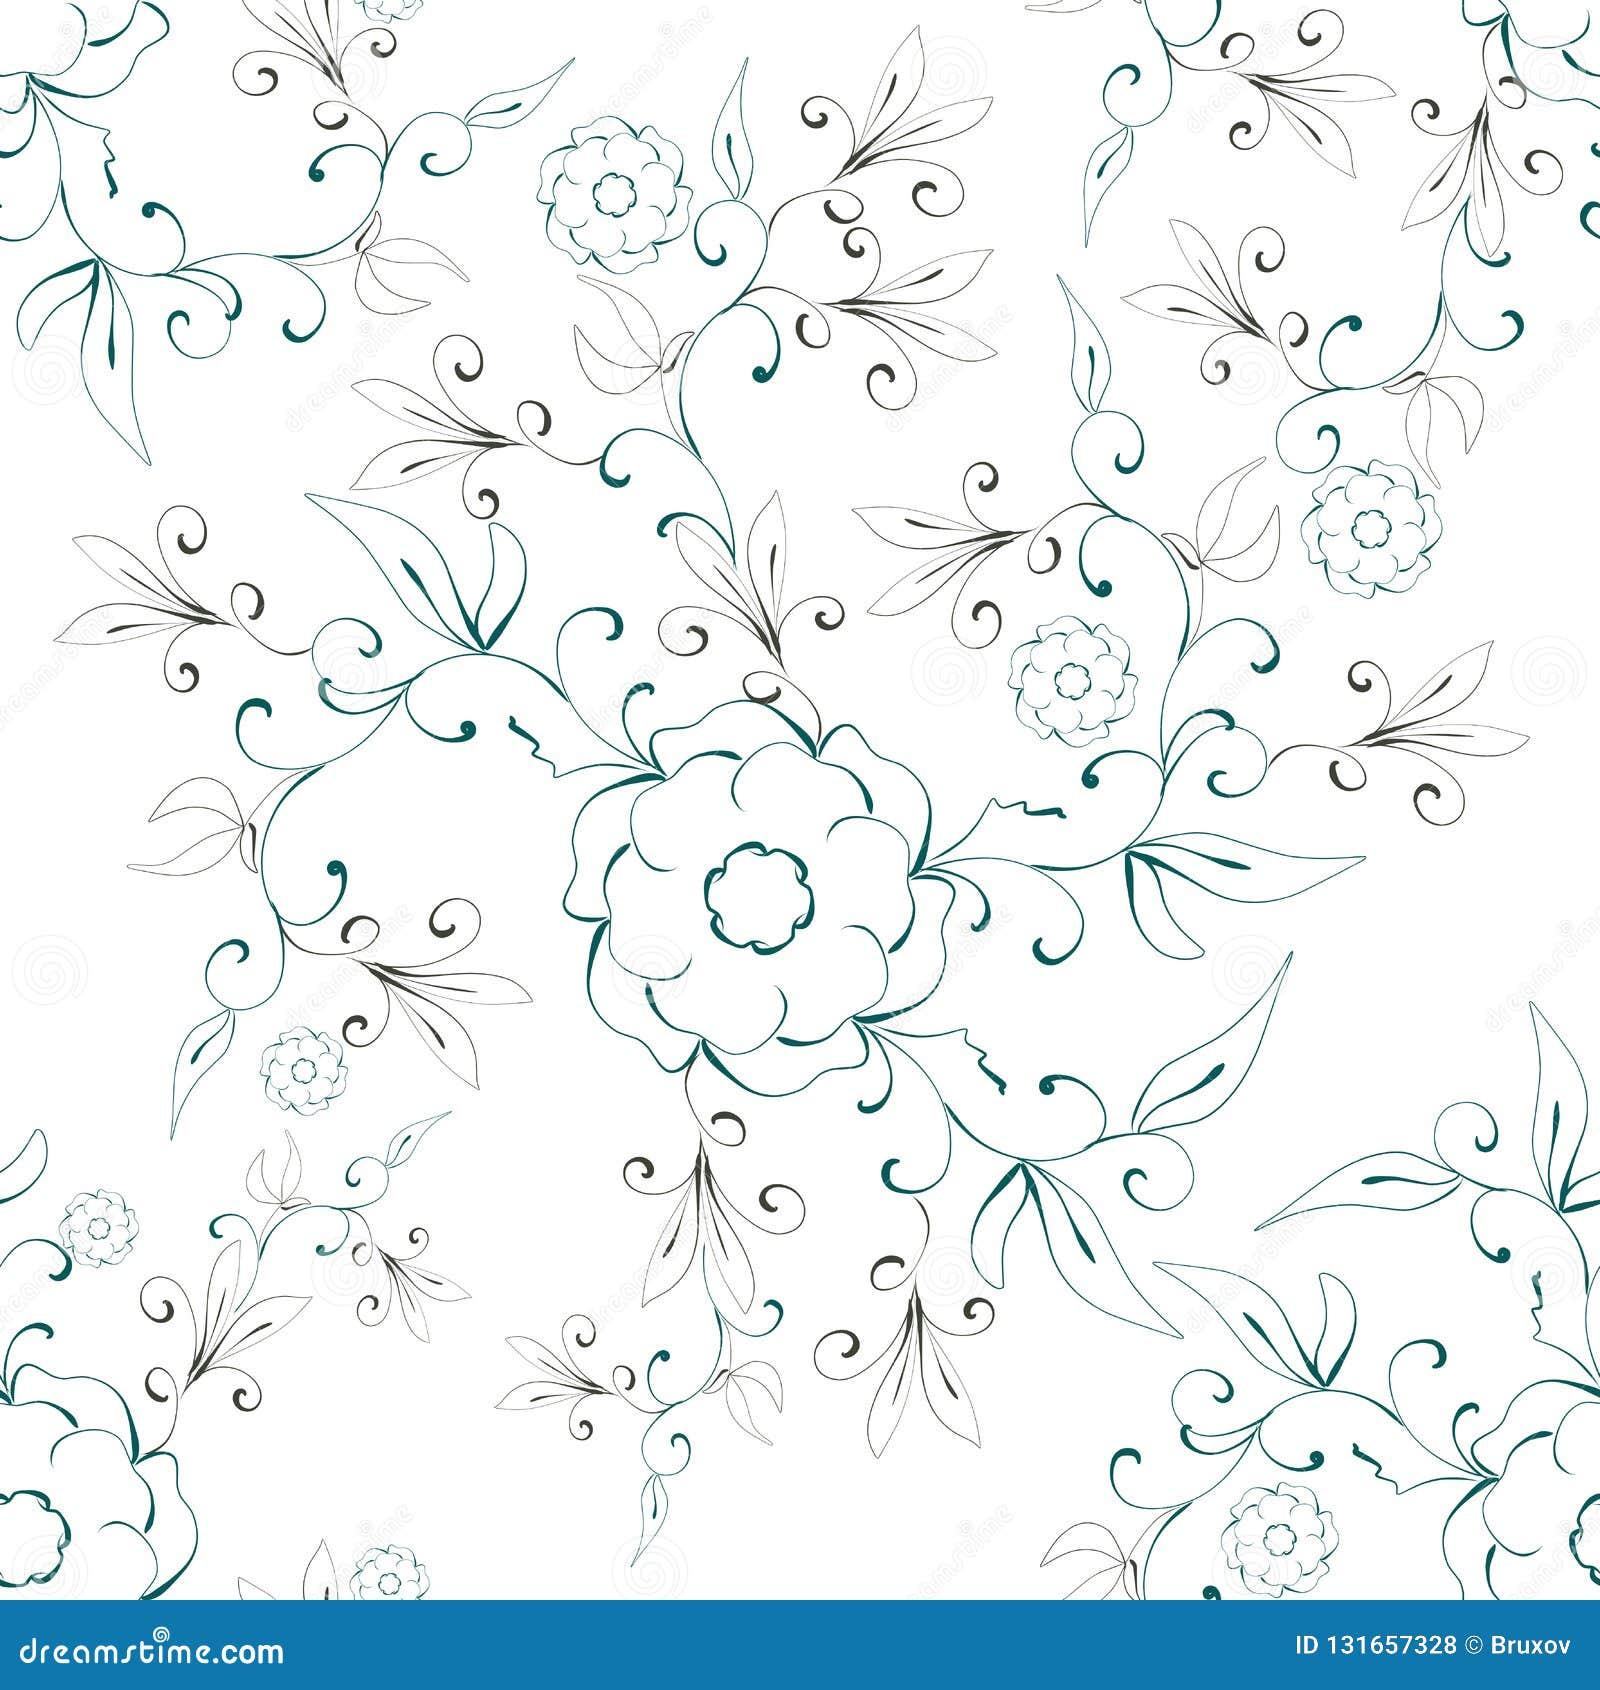 Illustrations-Zusammenfassungs-nahtloses mit Blumenmuster auf einem weißen Hintergrund